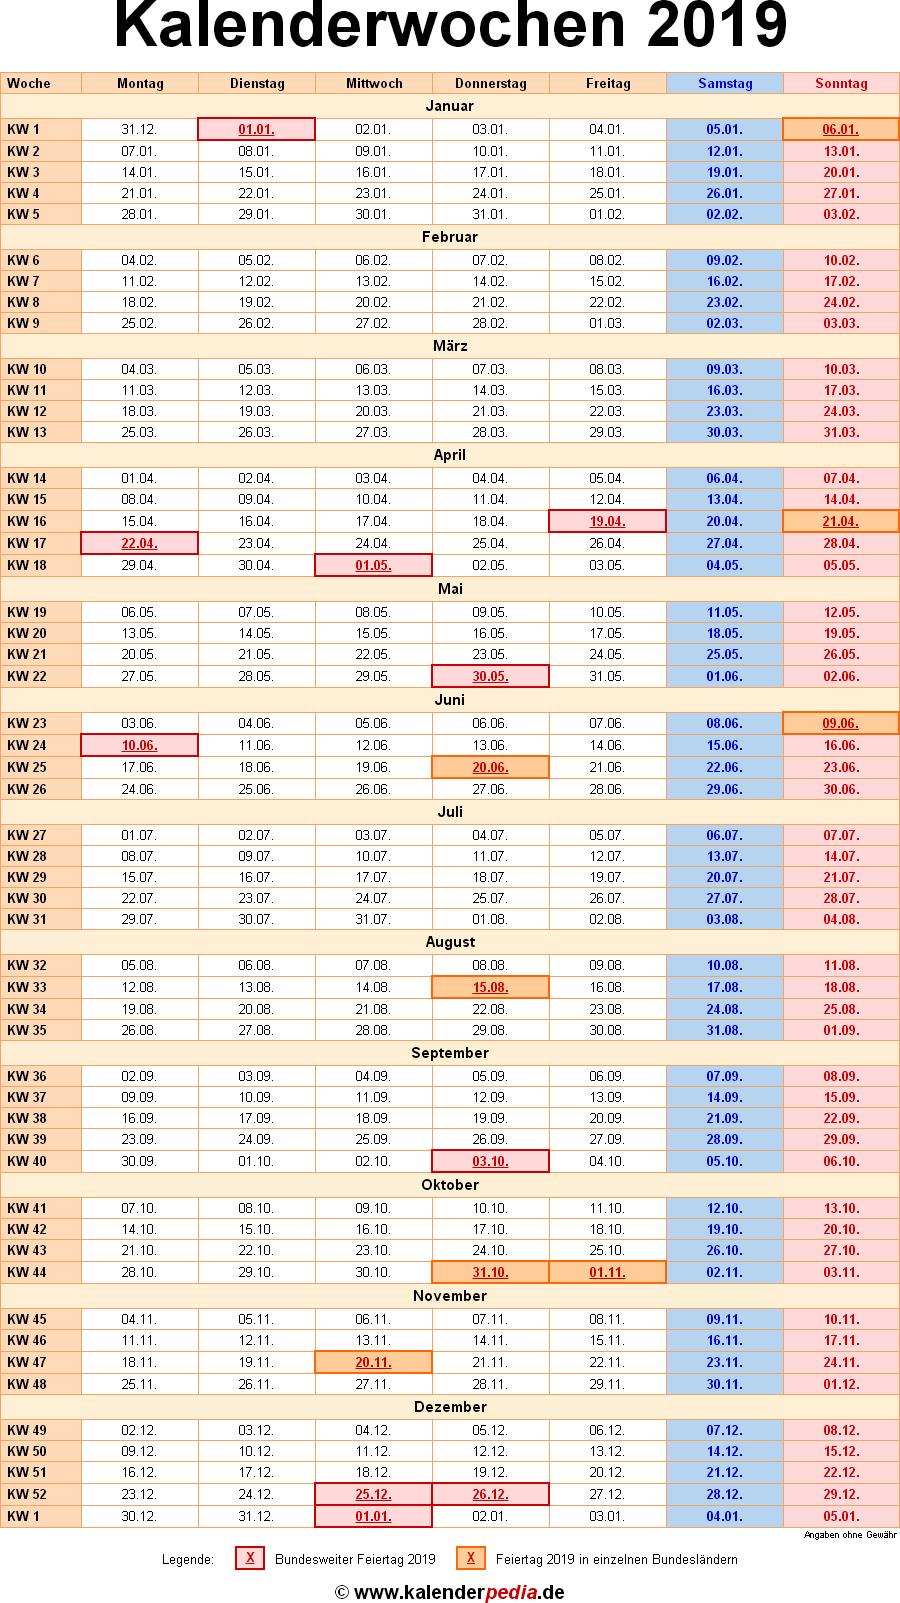 Kalenderwochen 2019 mit Vorlagen für Excel, Word & PDF